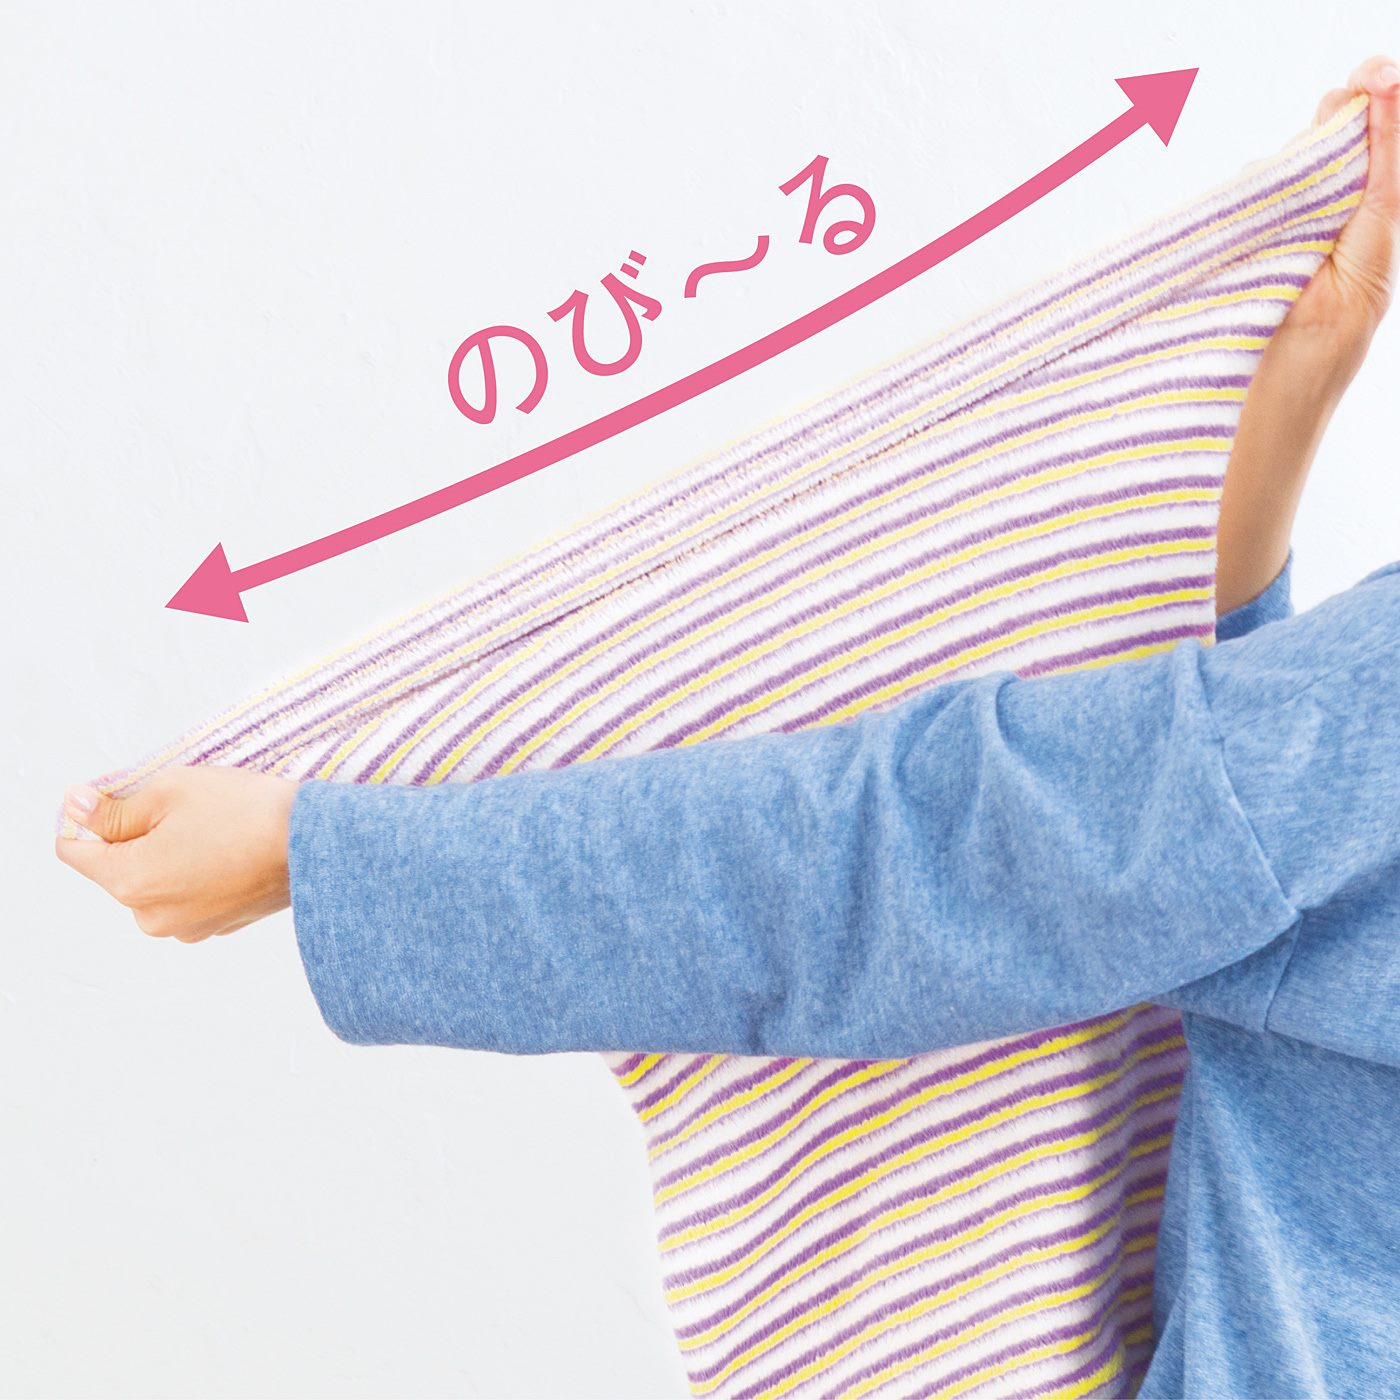 伸縮性にすぐれた生地を使用しているから、いろいろなサイズの枕にフィットします。